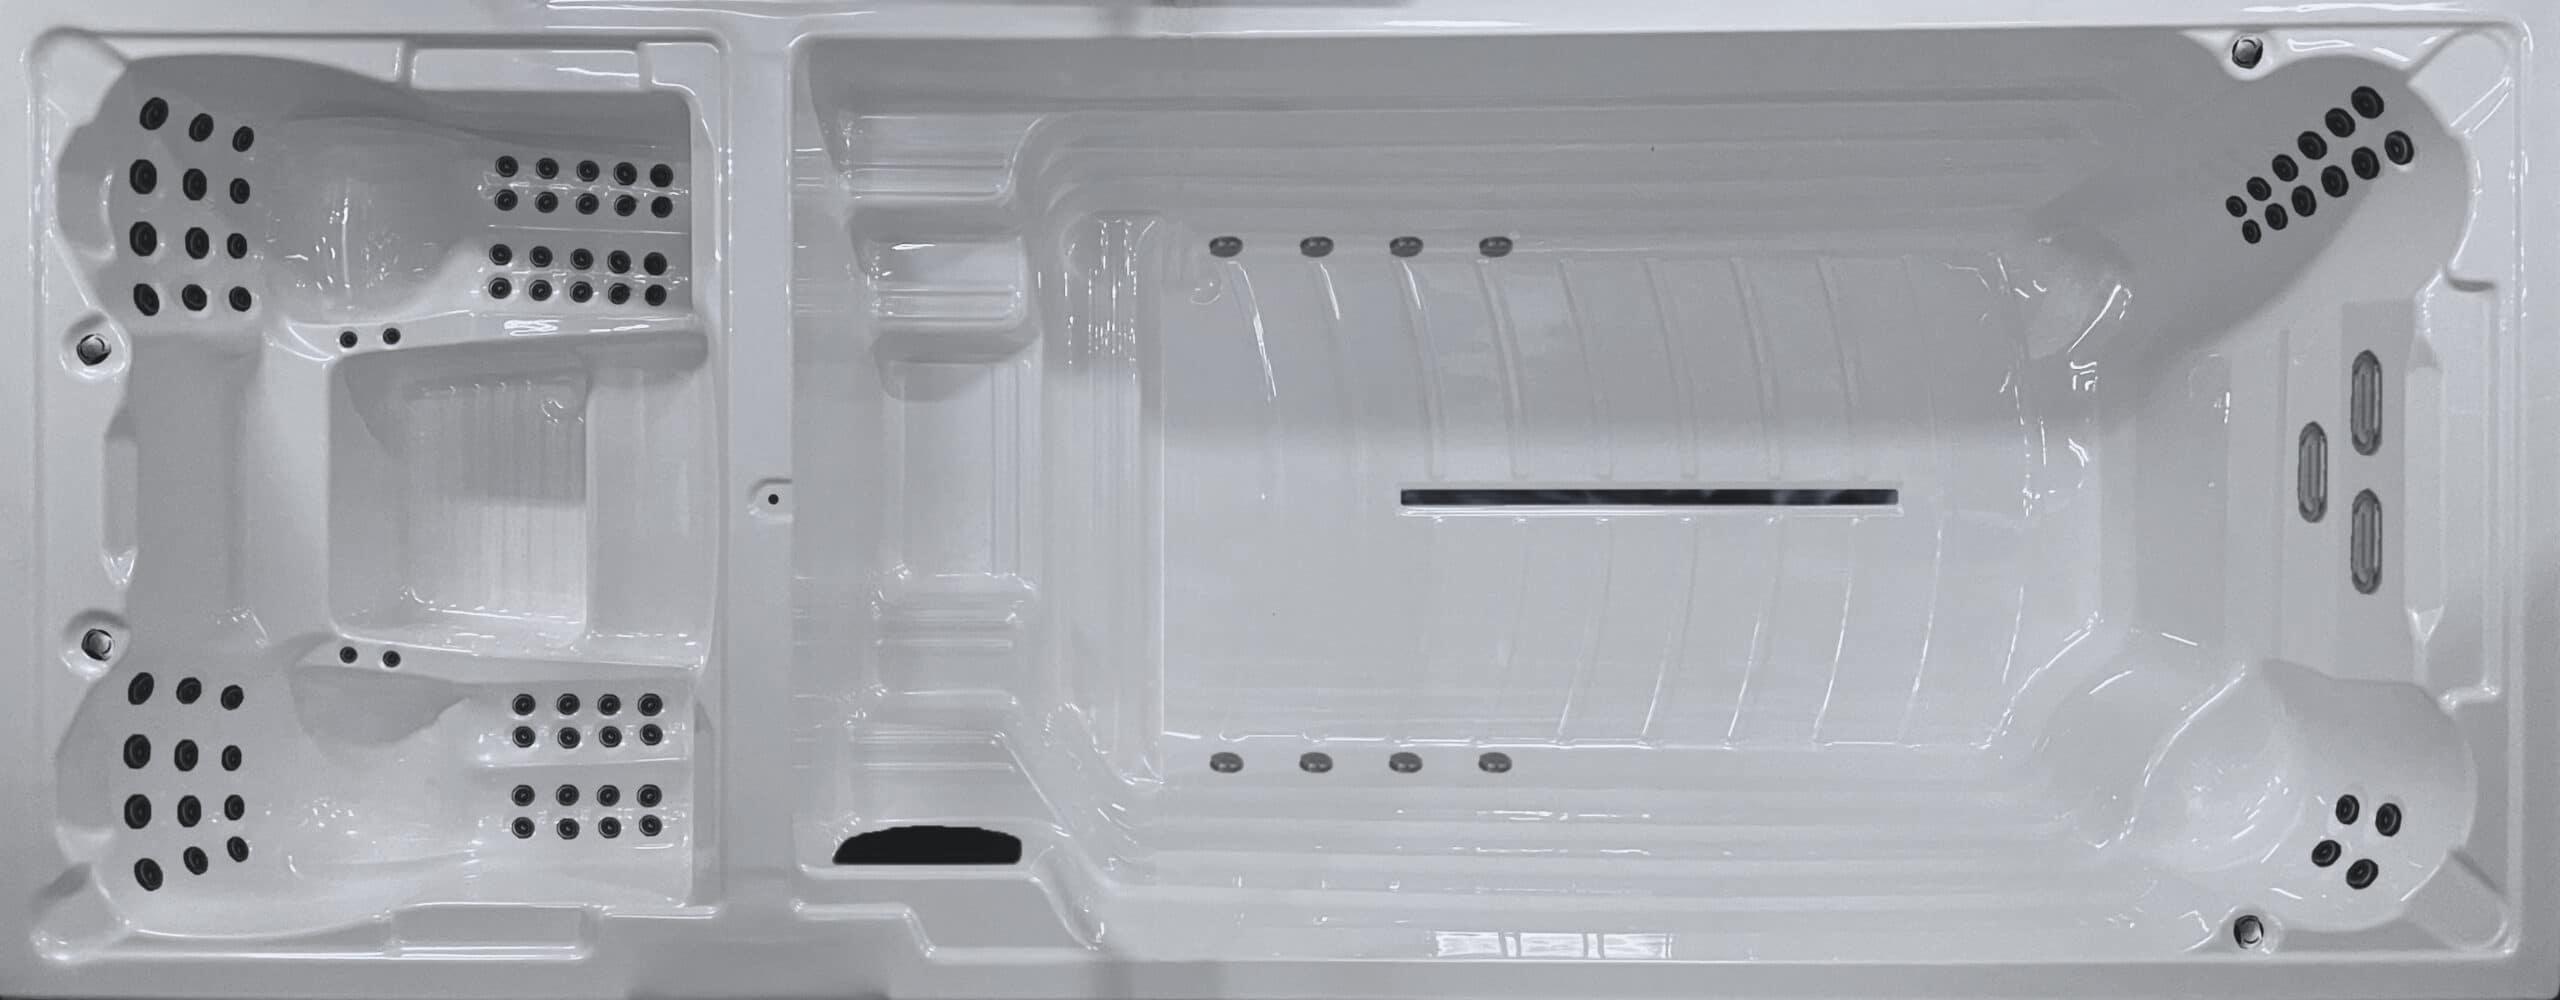 spa-bassein-combi-2